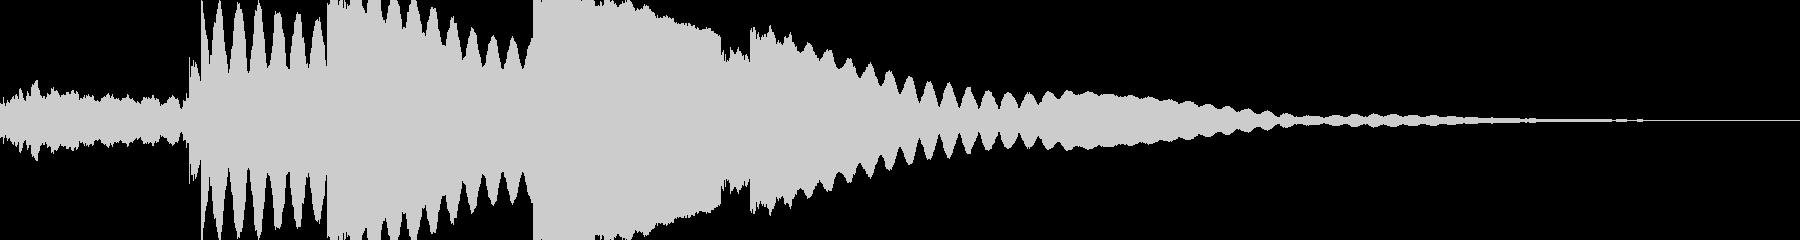 チリリン 風鈴 神秘的 和風の未再生の波形